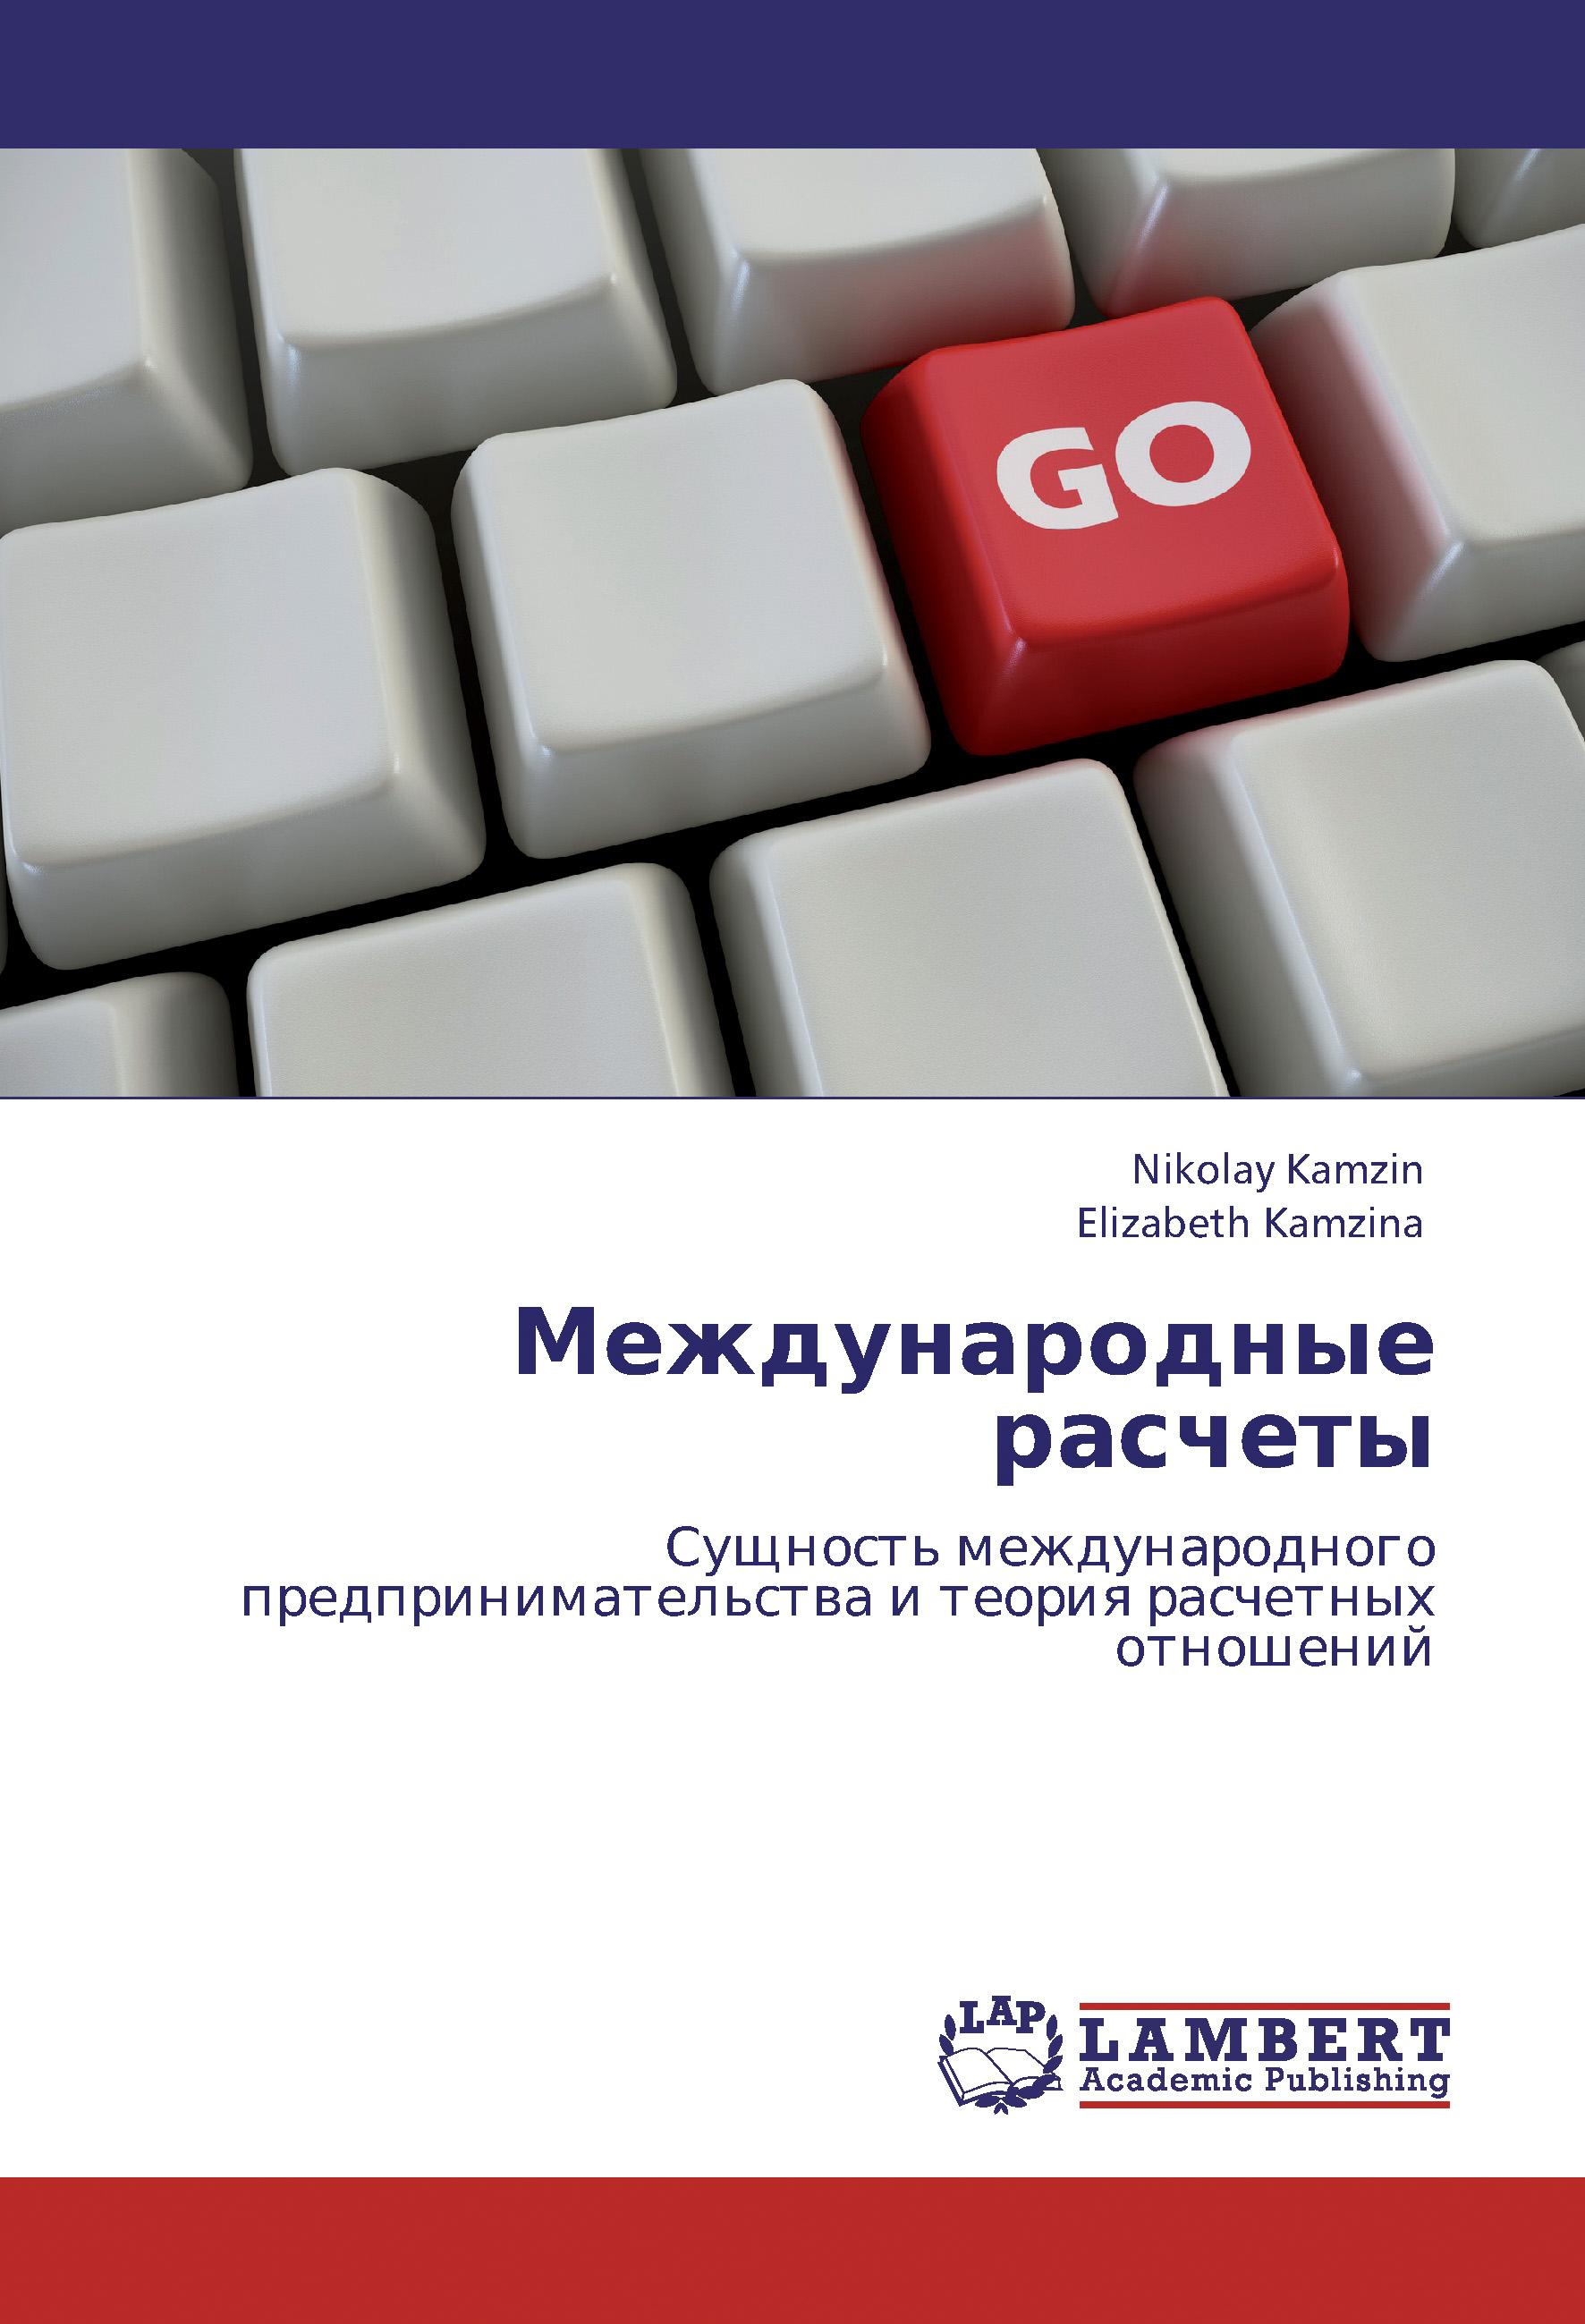 Обложка книги. Автор - Елизавета Камзина